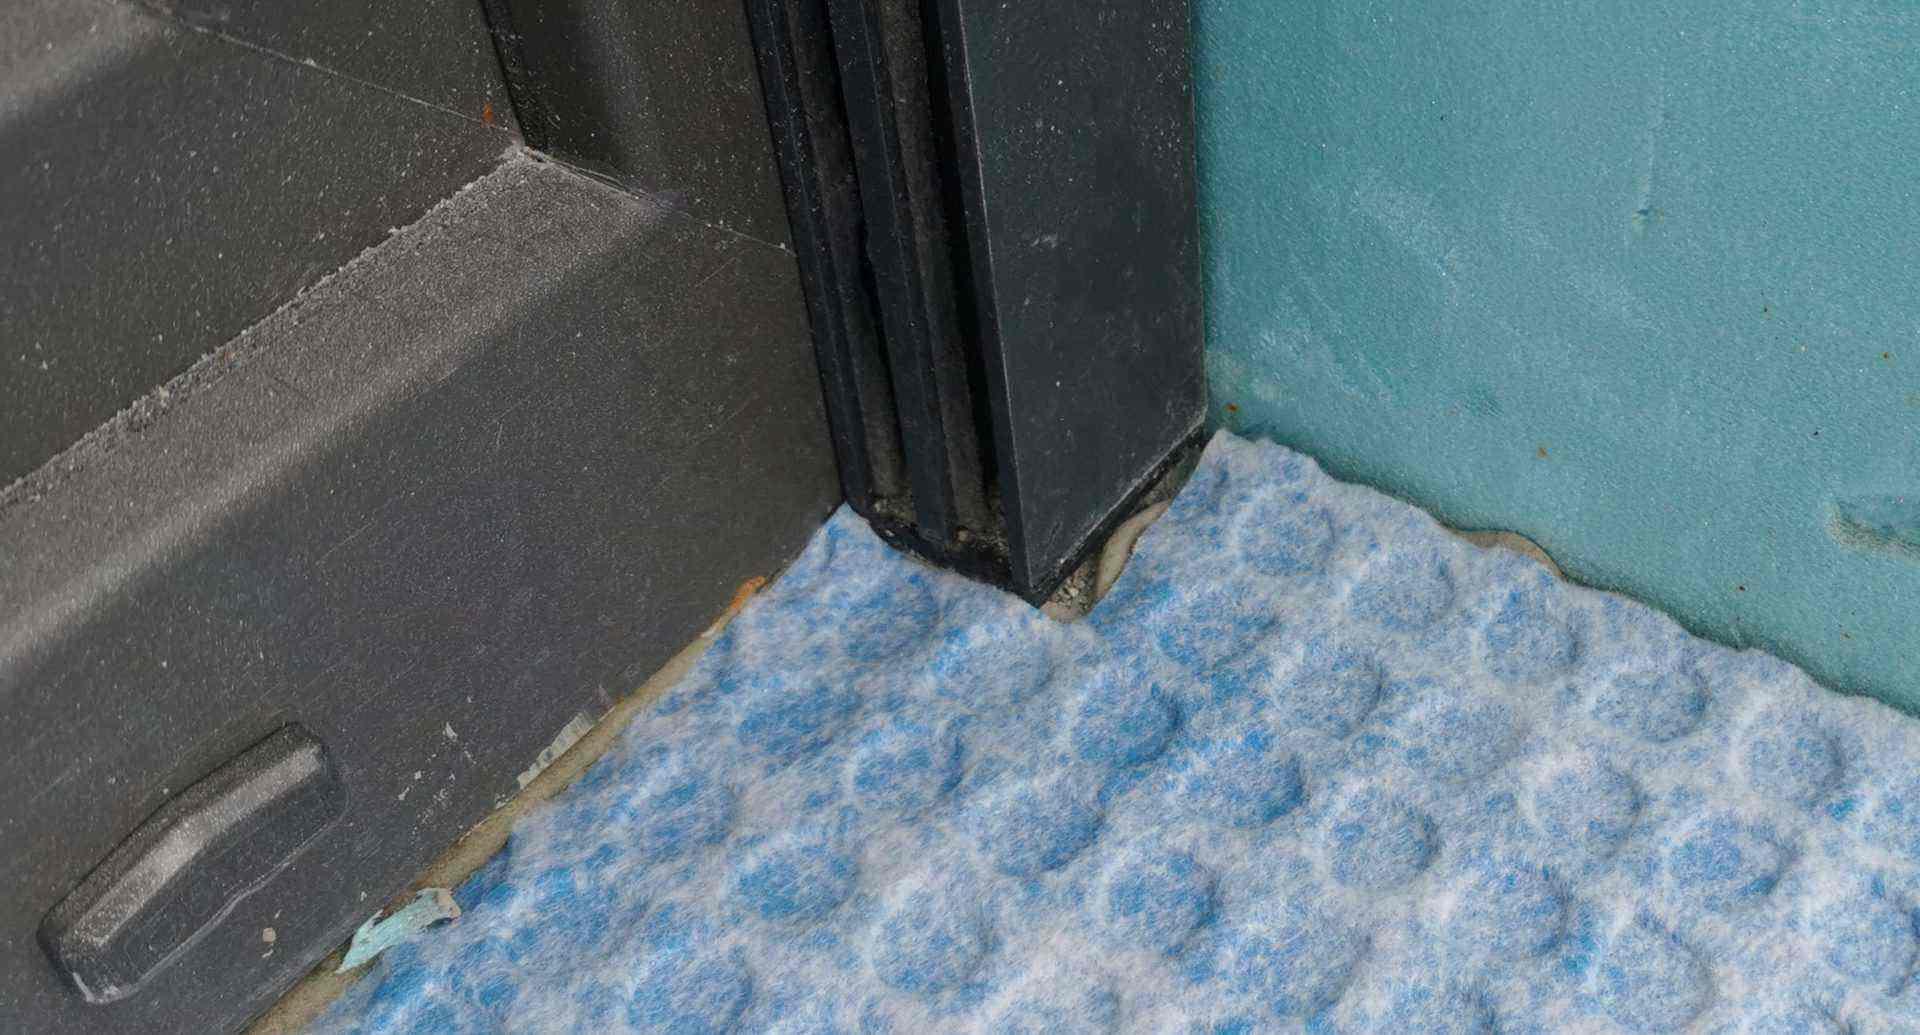 Detajl tesnenja pri vratih